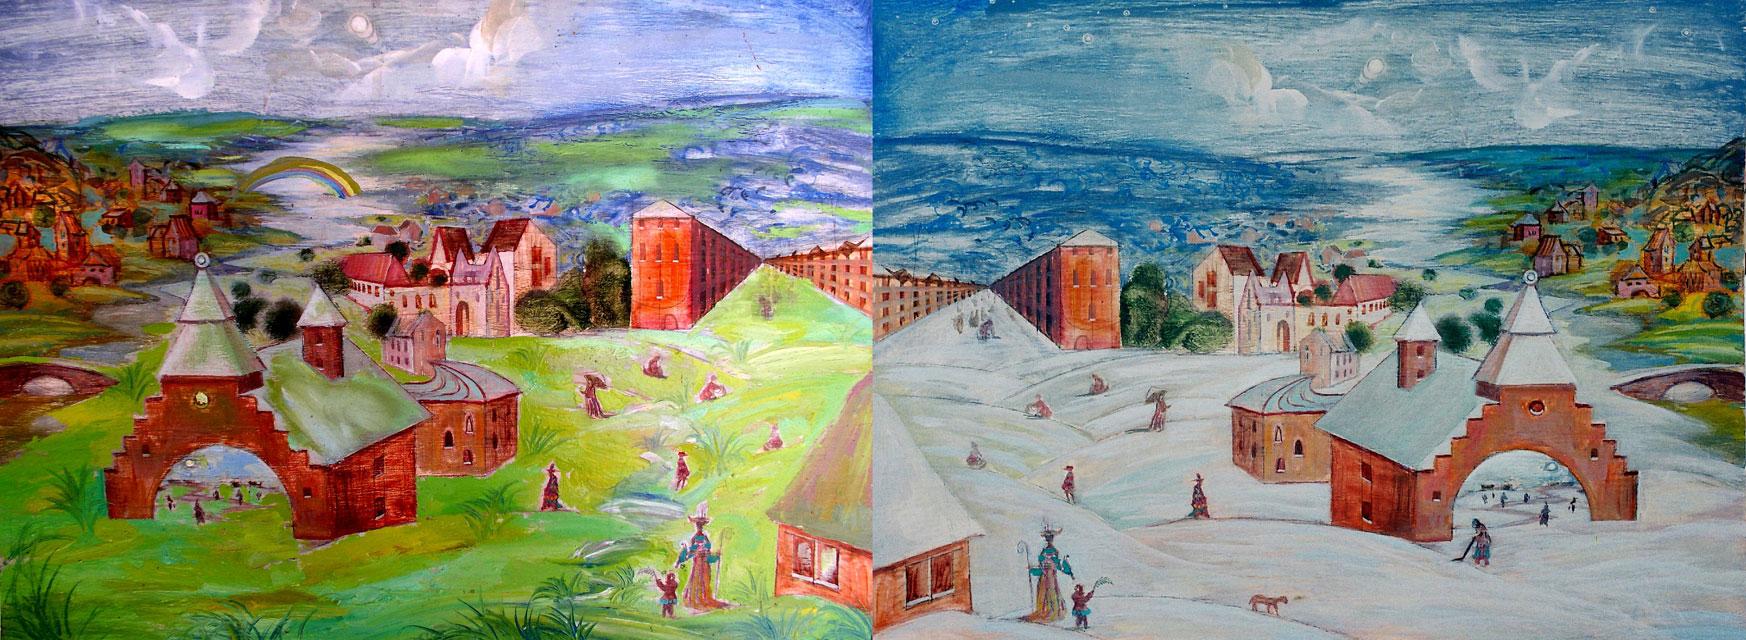 Вінничани вже можуть проголосувати за роботи художників, які хочуть побачити на вінницьких будівлях